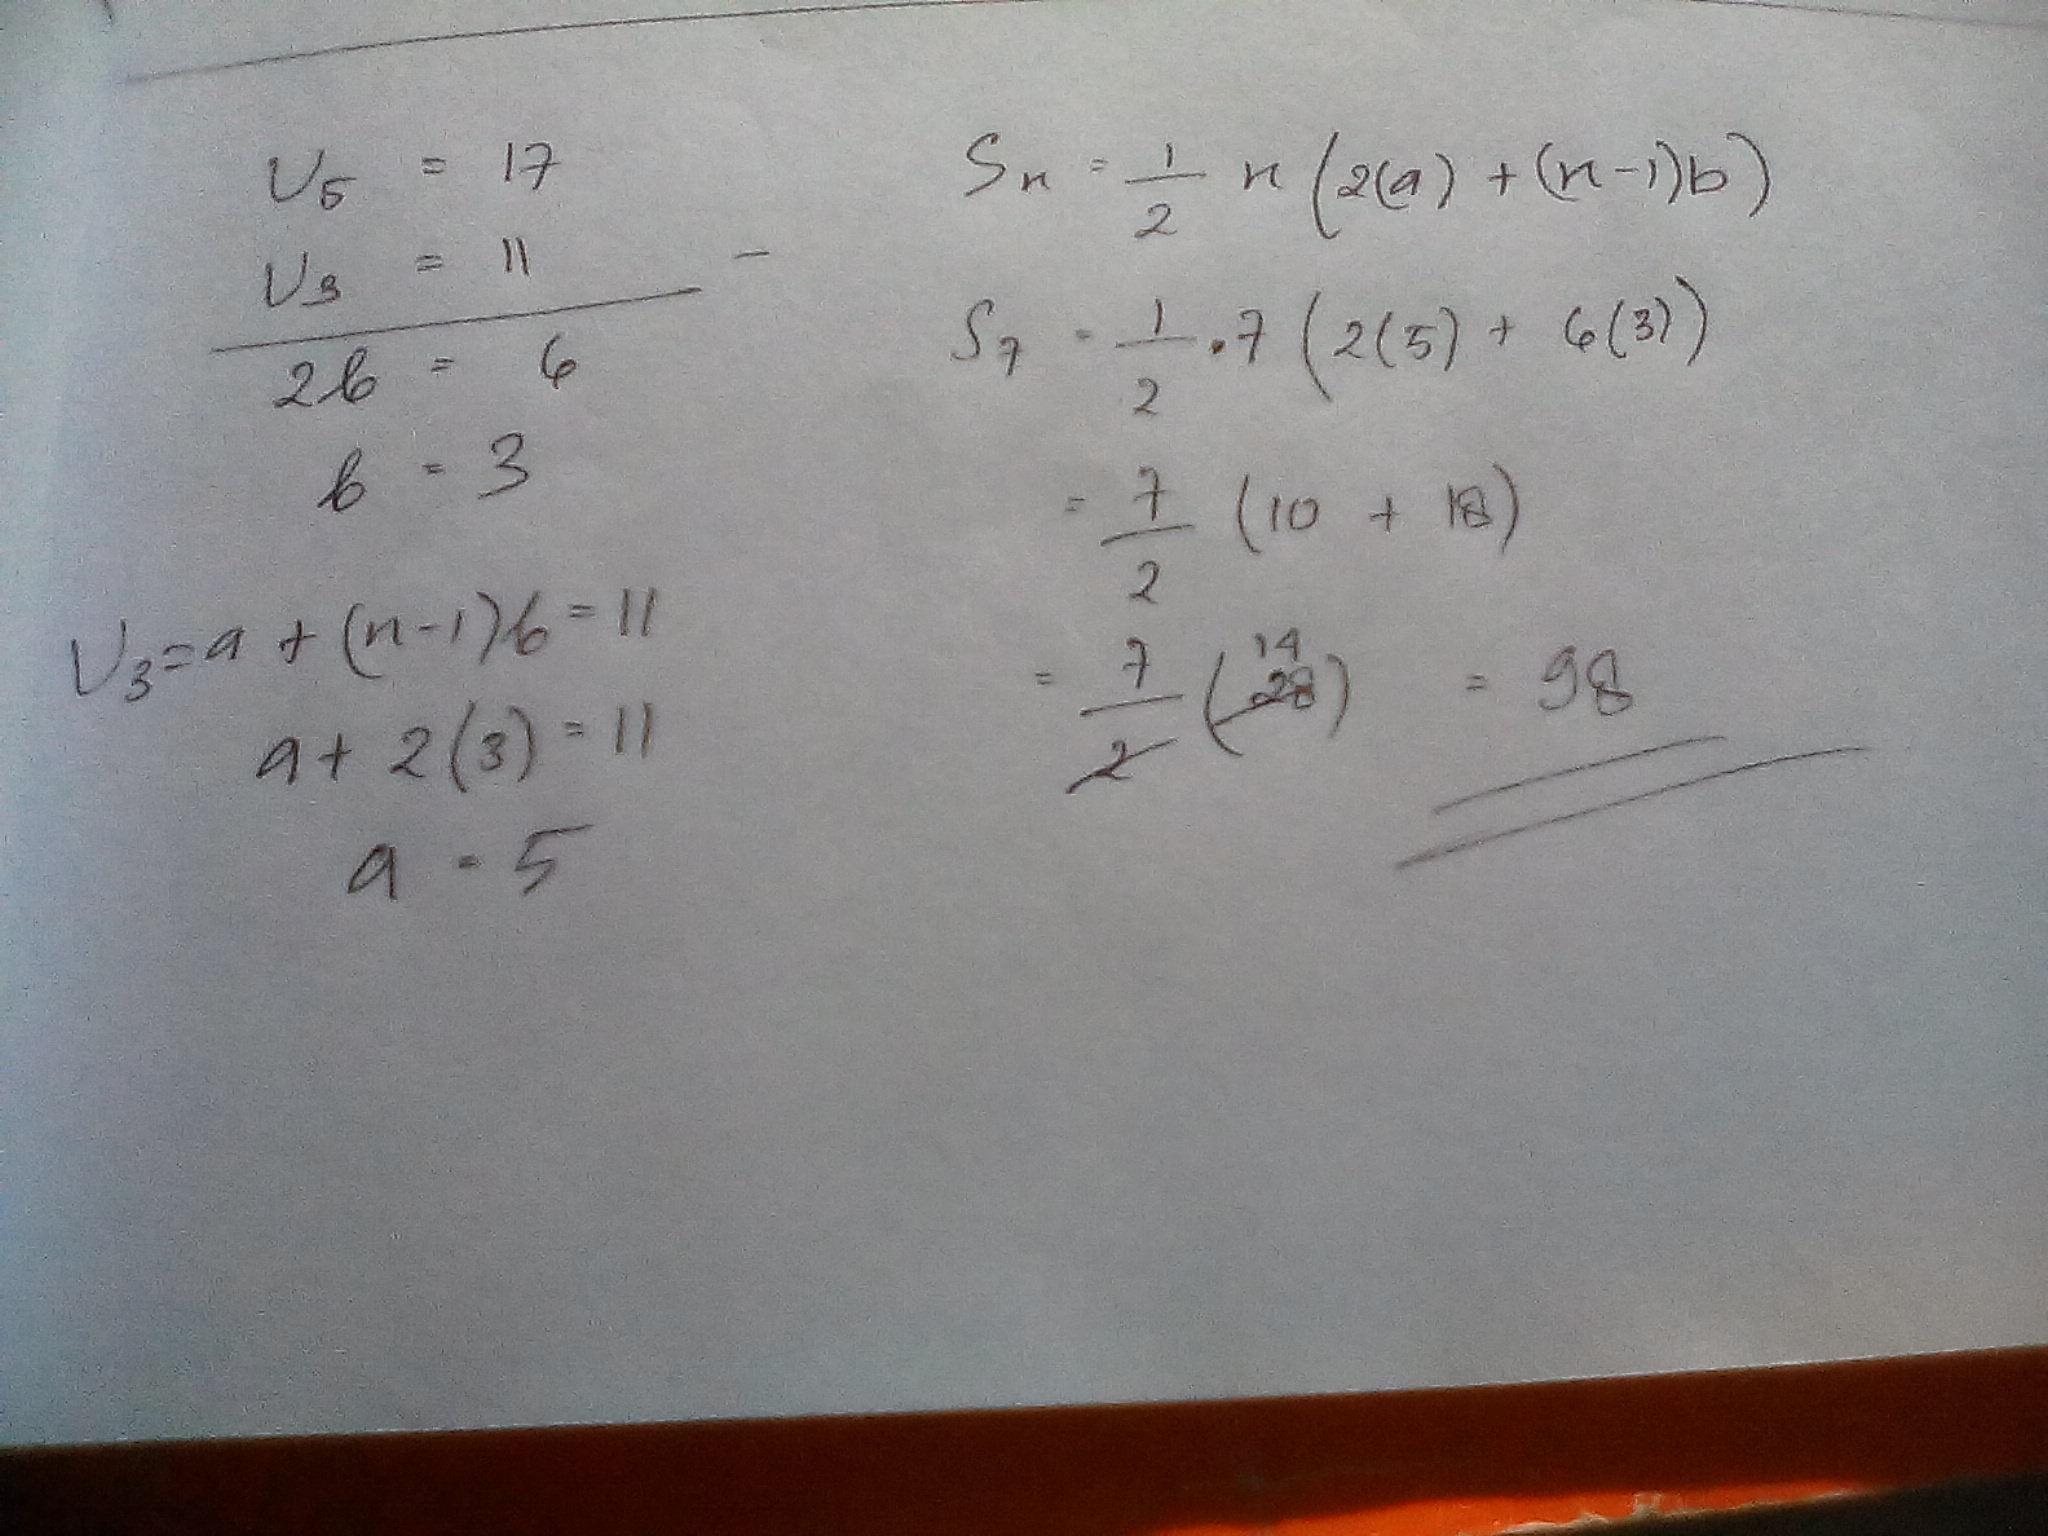 Diketahui suatu barisan aritmatika suku ke 3 dan suku ke 5 ...